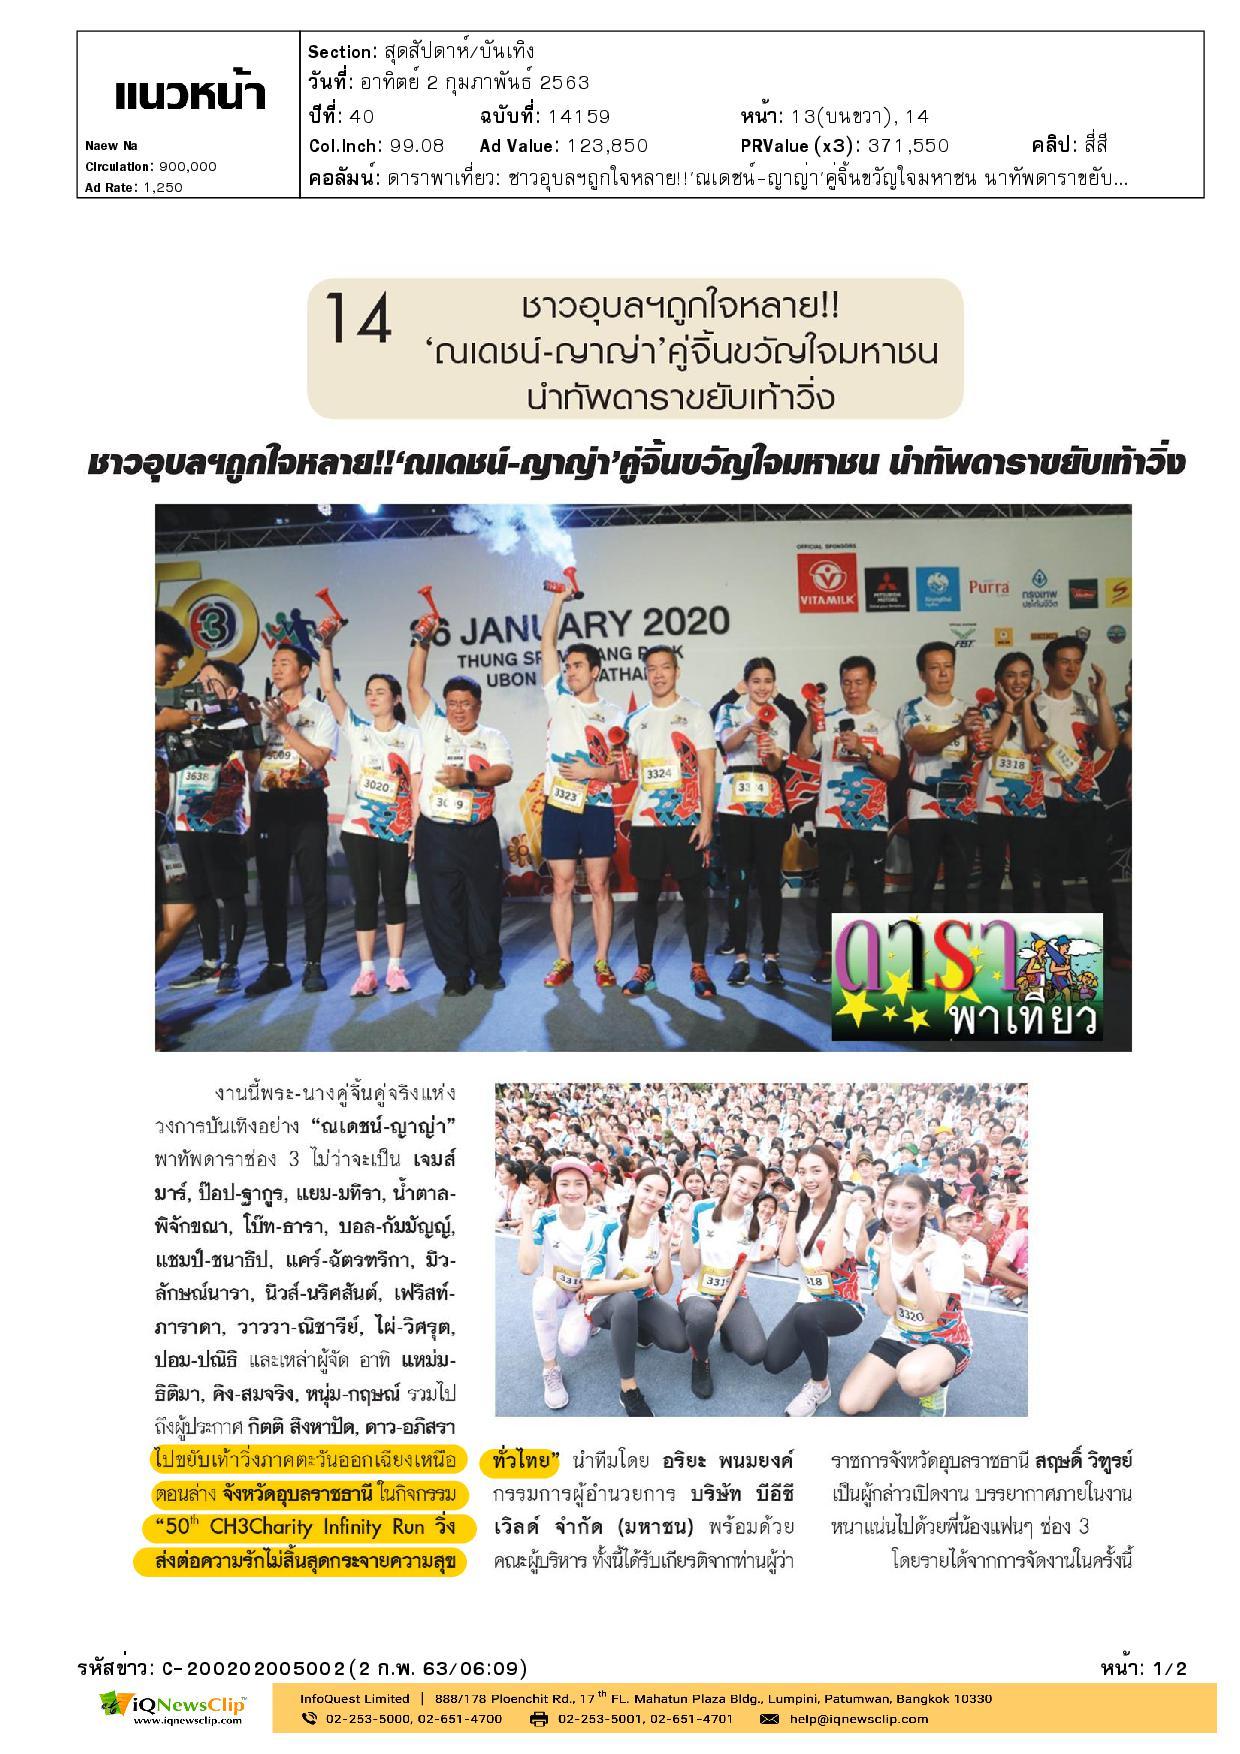 """วิ่งส่งต่อความรักไม่สิ้นสุดกระจายความสุขทั่วไทย"""" รายได้ส่วนหนึ่งมอบให้กับเหล่ากาชาด จ.อุบลราชธานี"""